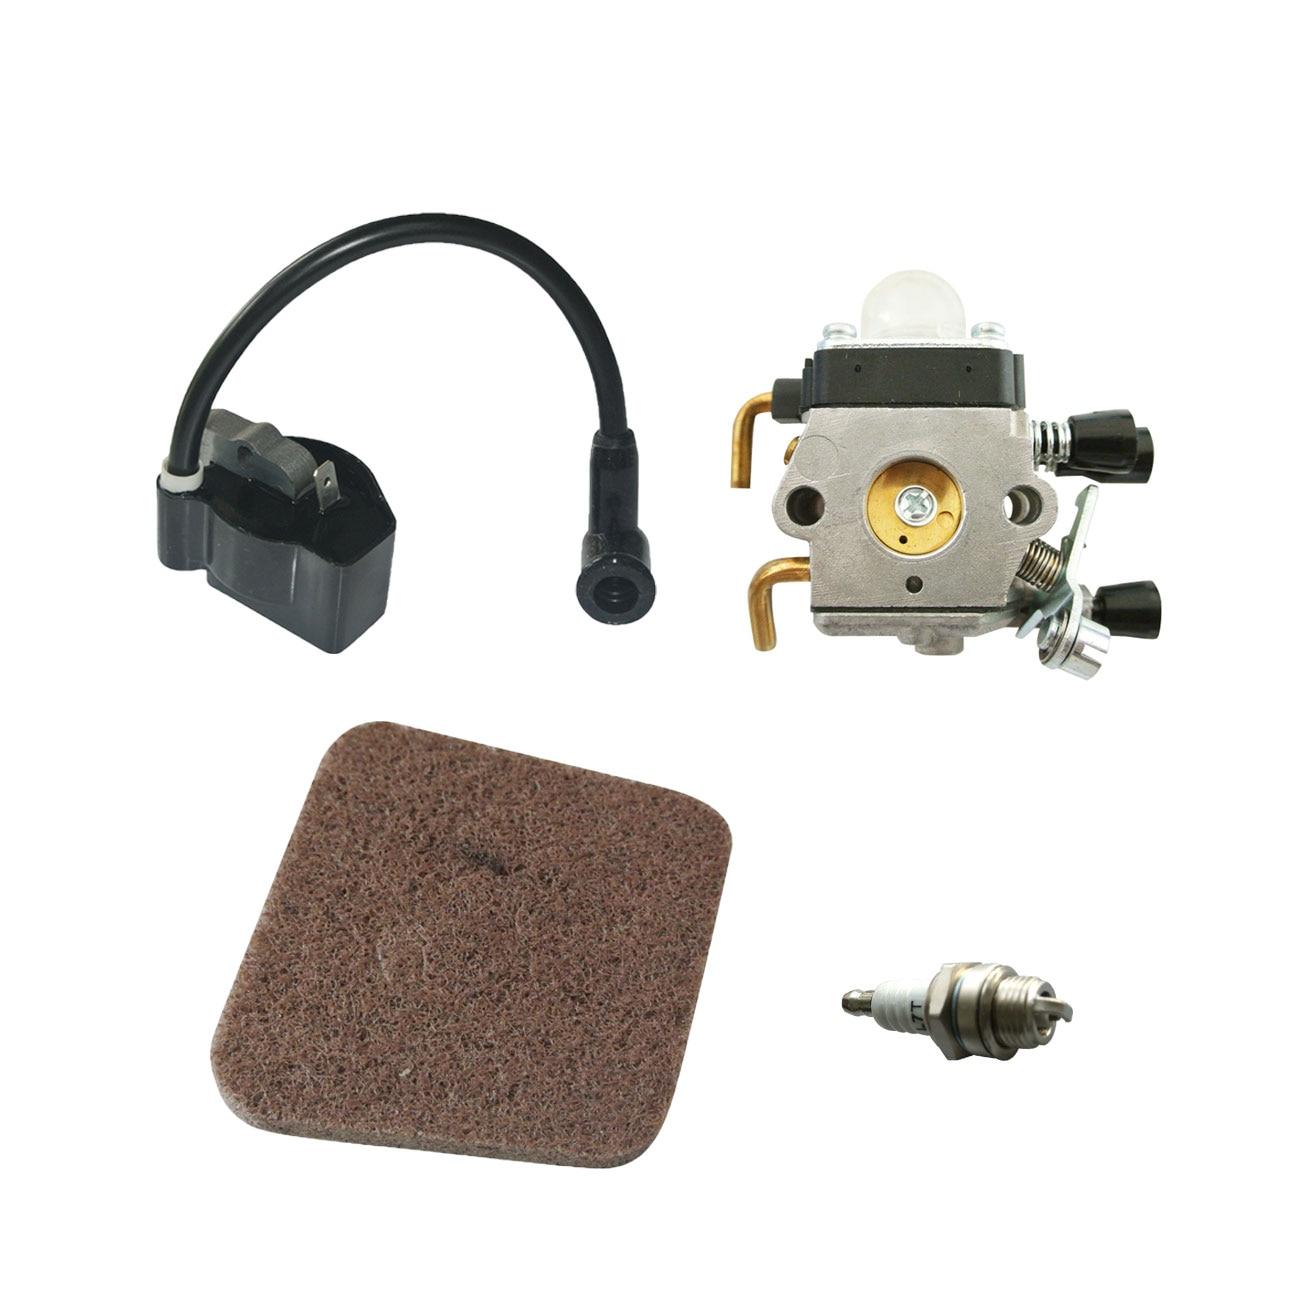 Carburetor Ignition Coil Spark Plug Air Filter For STIHL FS38 FS45 FS46 FS55 KM55 Brushcutter Trimmer carburetor ignition coil spark plug air filter for stihl fs38 fs45 fs46 fs55 km55 brushcutter trimmer